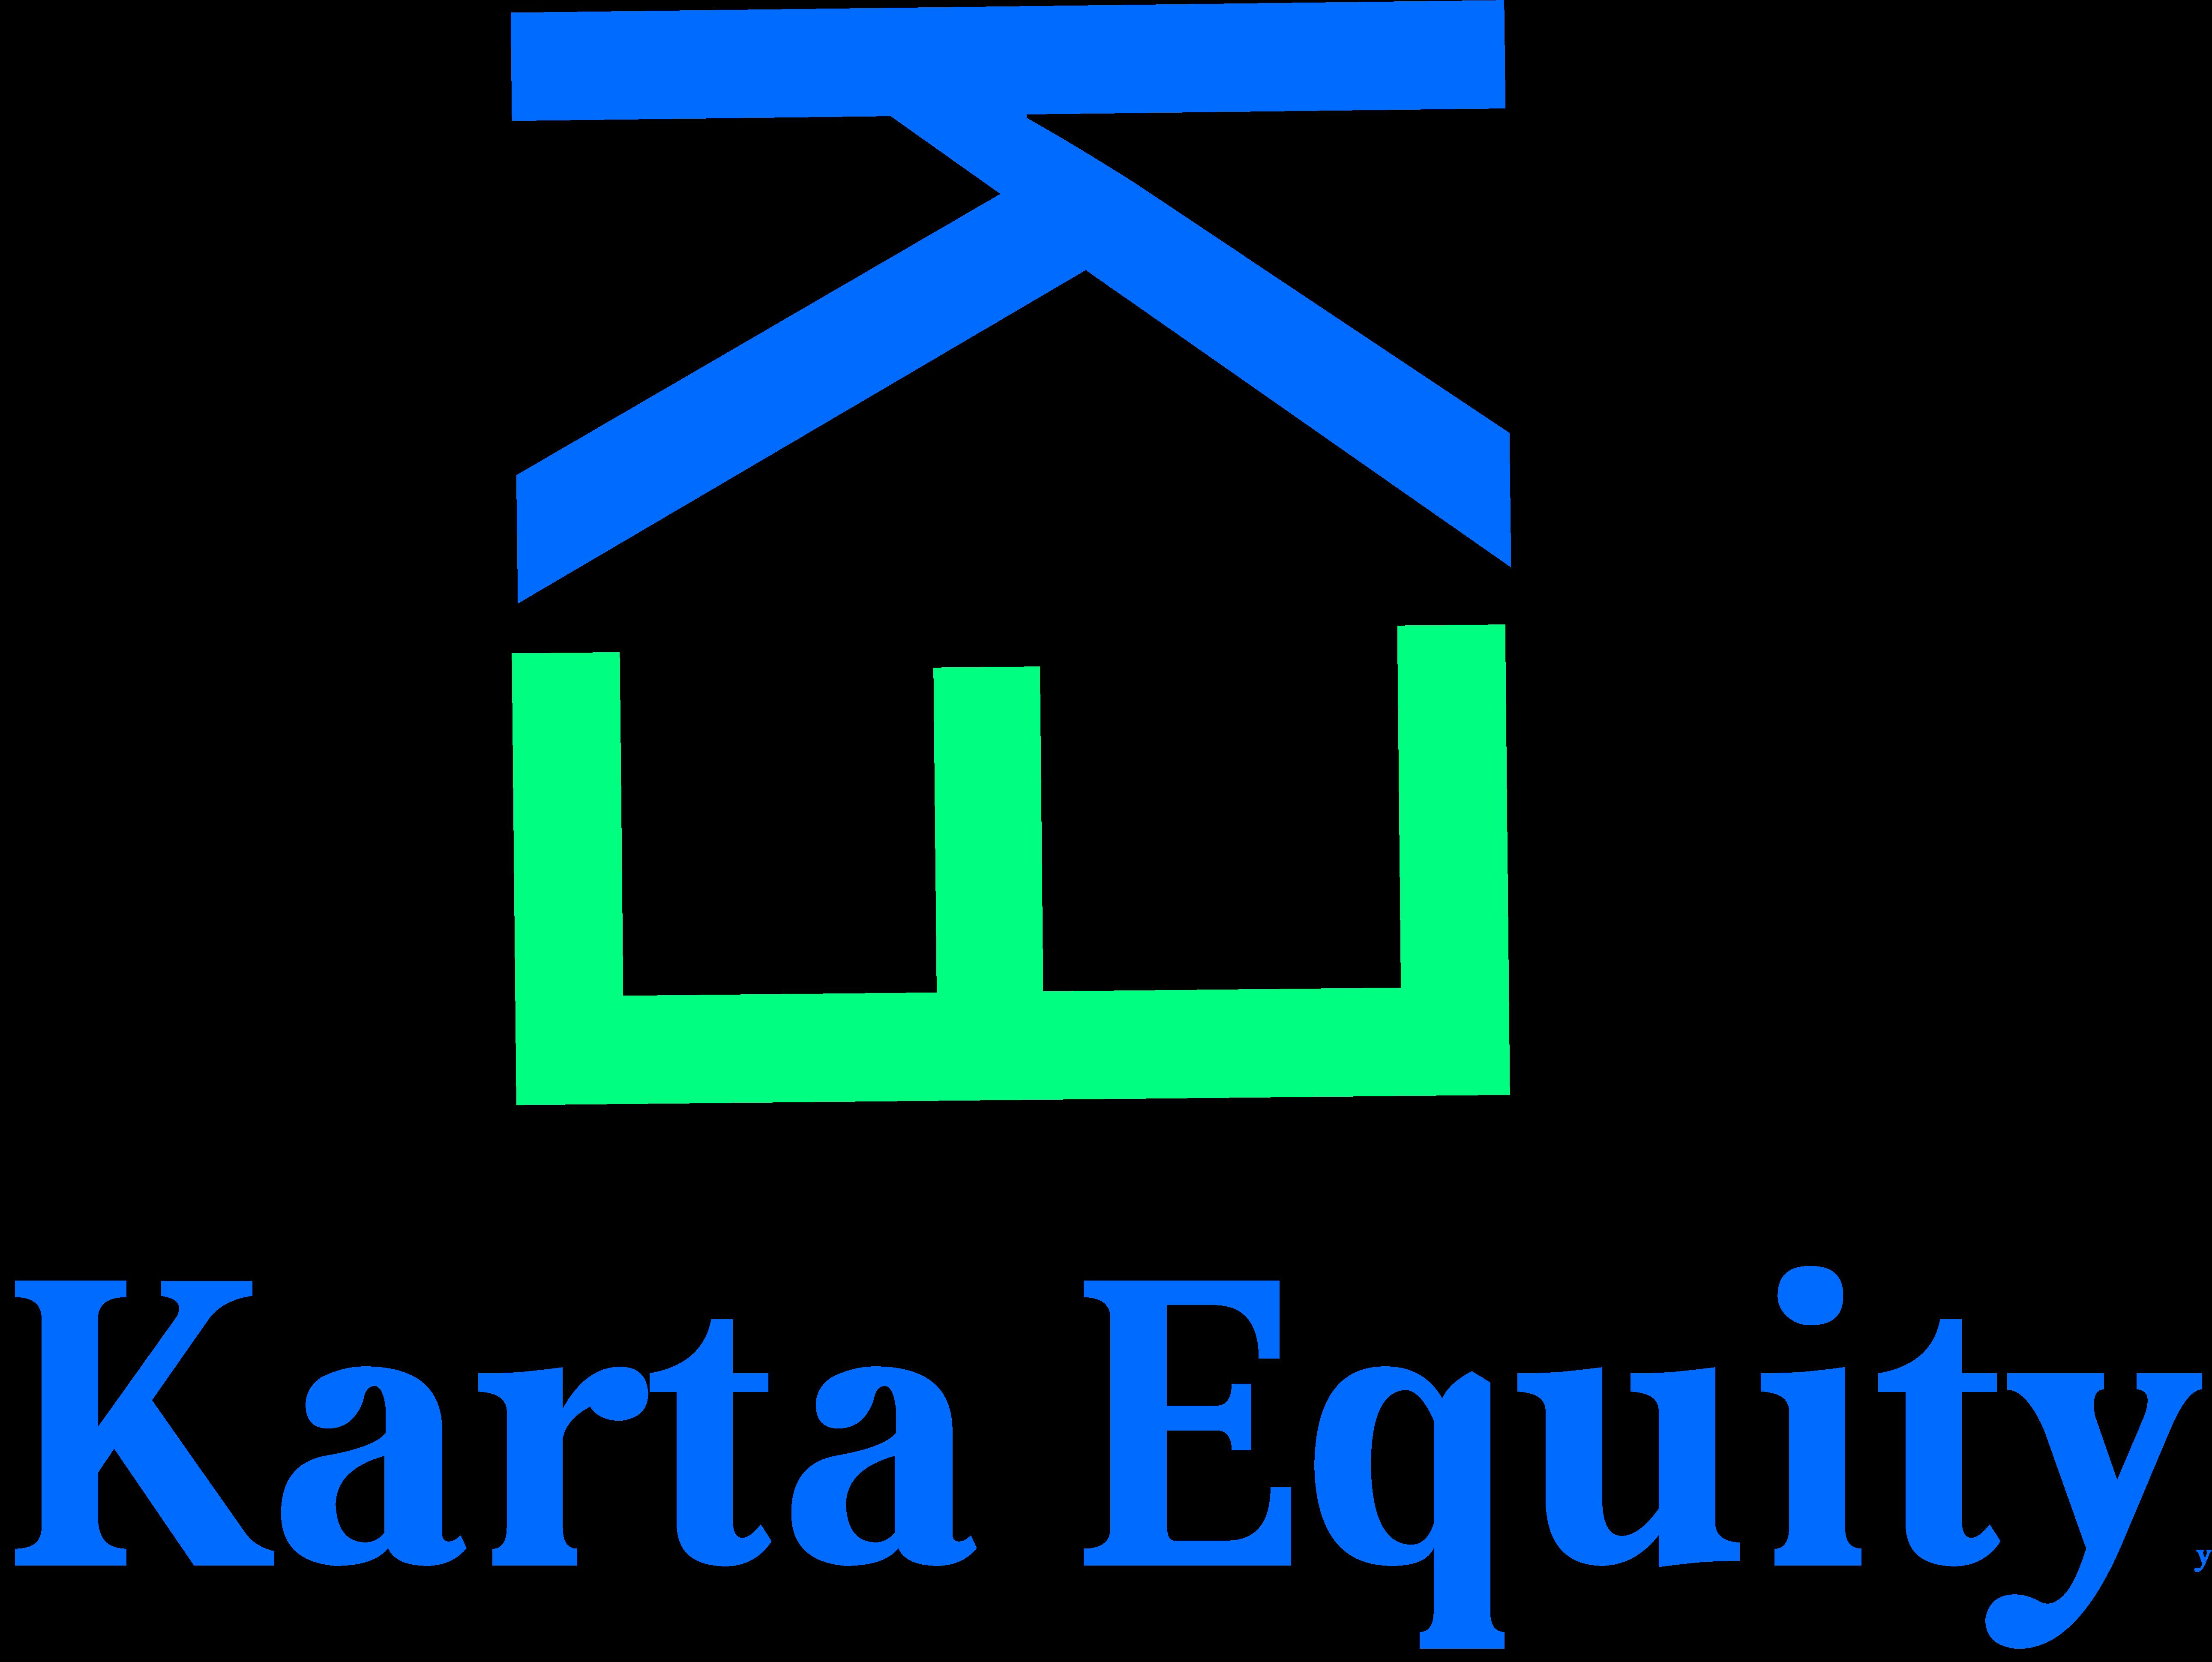 Логотип для компании инвестироваюшей в жилую недвижимость фото f_7795e15b43504197.png